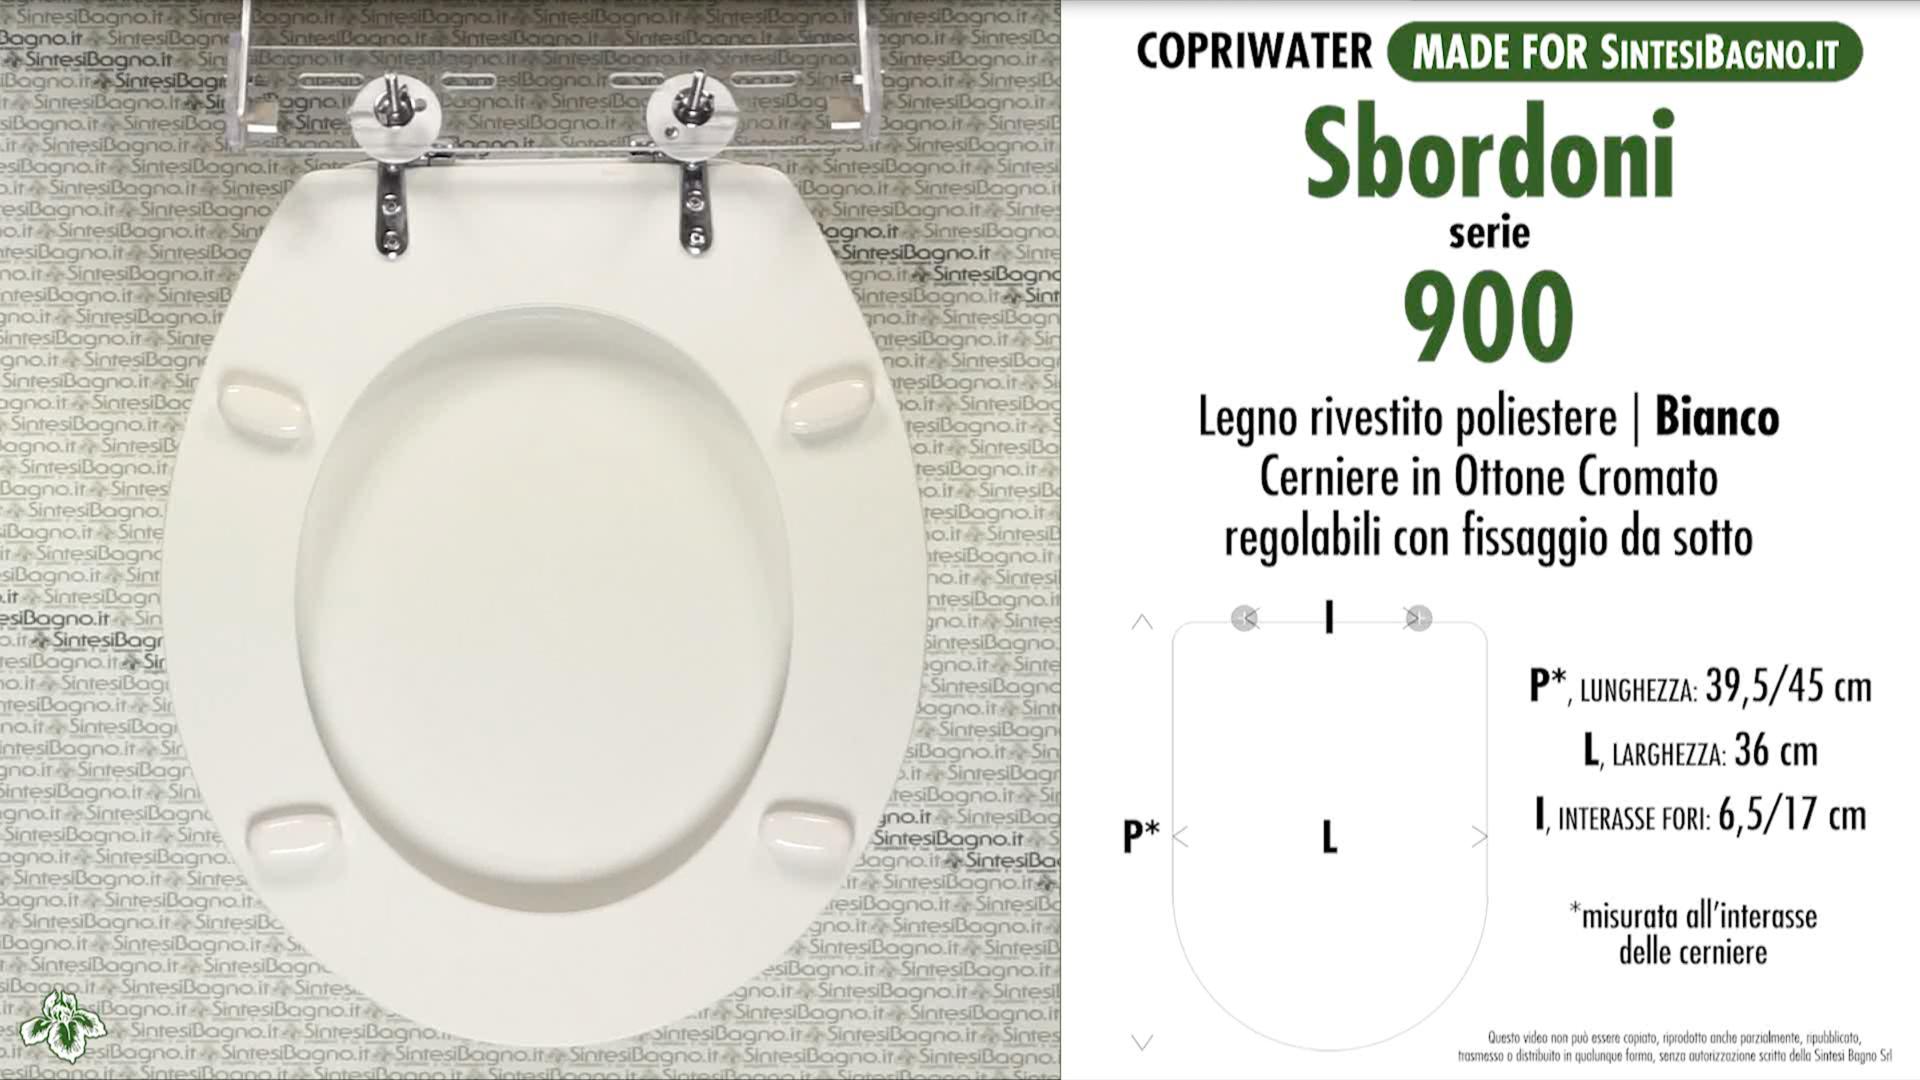 SCHEDA TECNICA MISURE copriwater SBORDONI 900 NOVECENTO